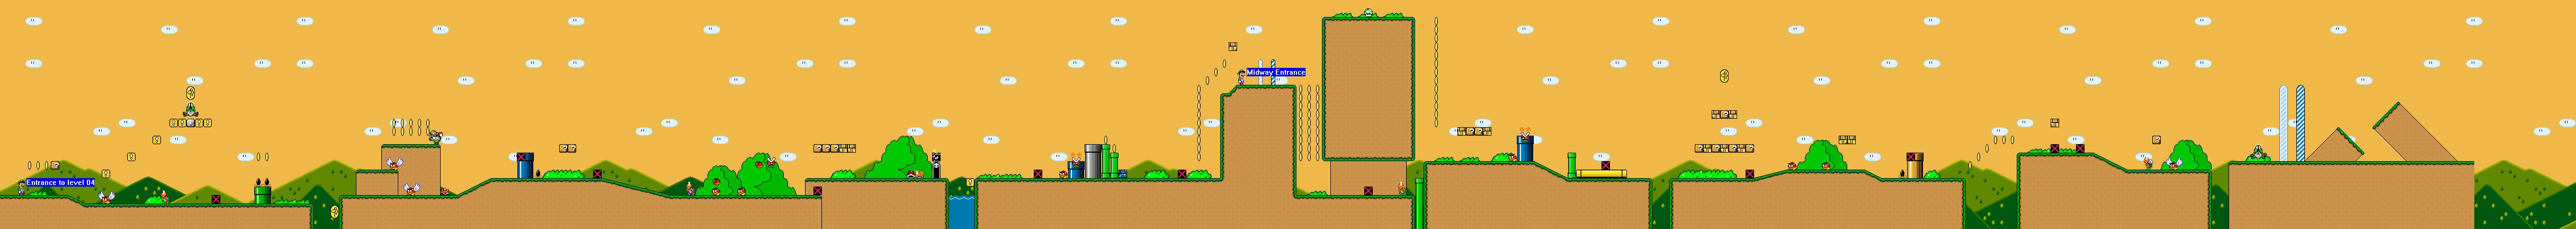 SMW: Luigi al rescate (progreso) - Página 2 Level004